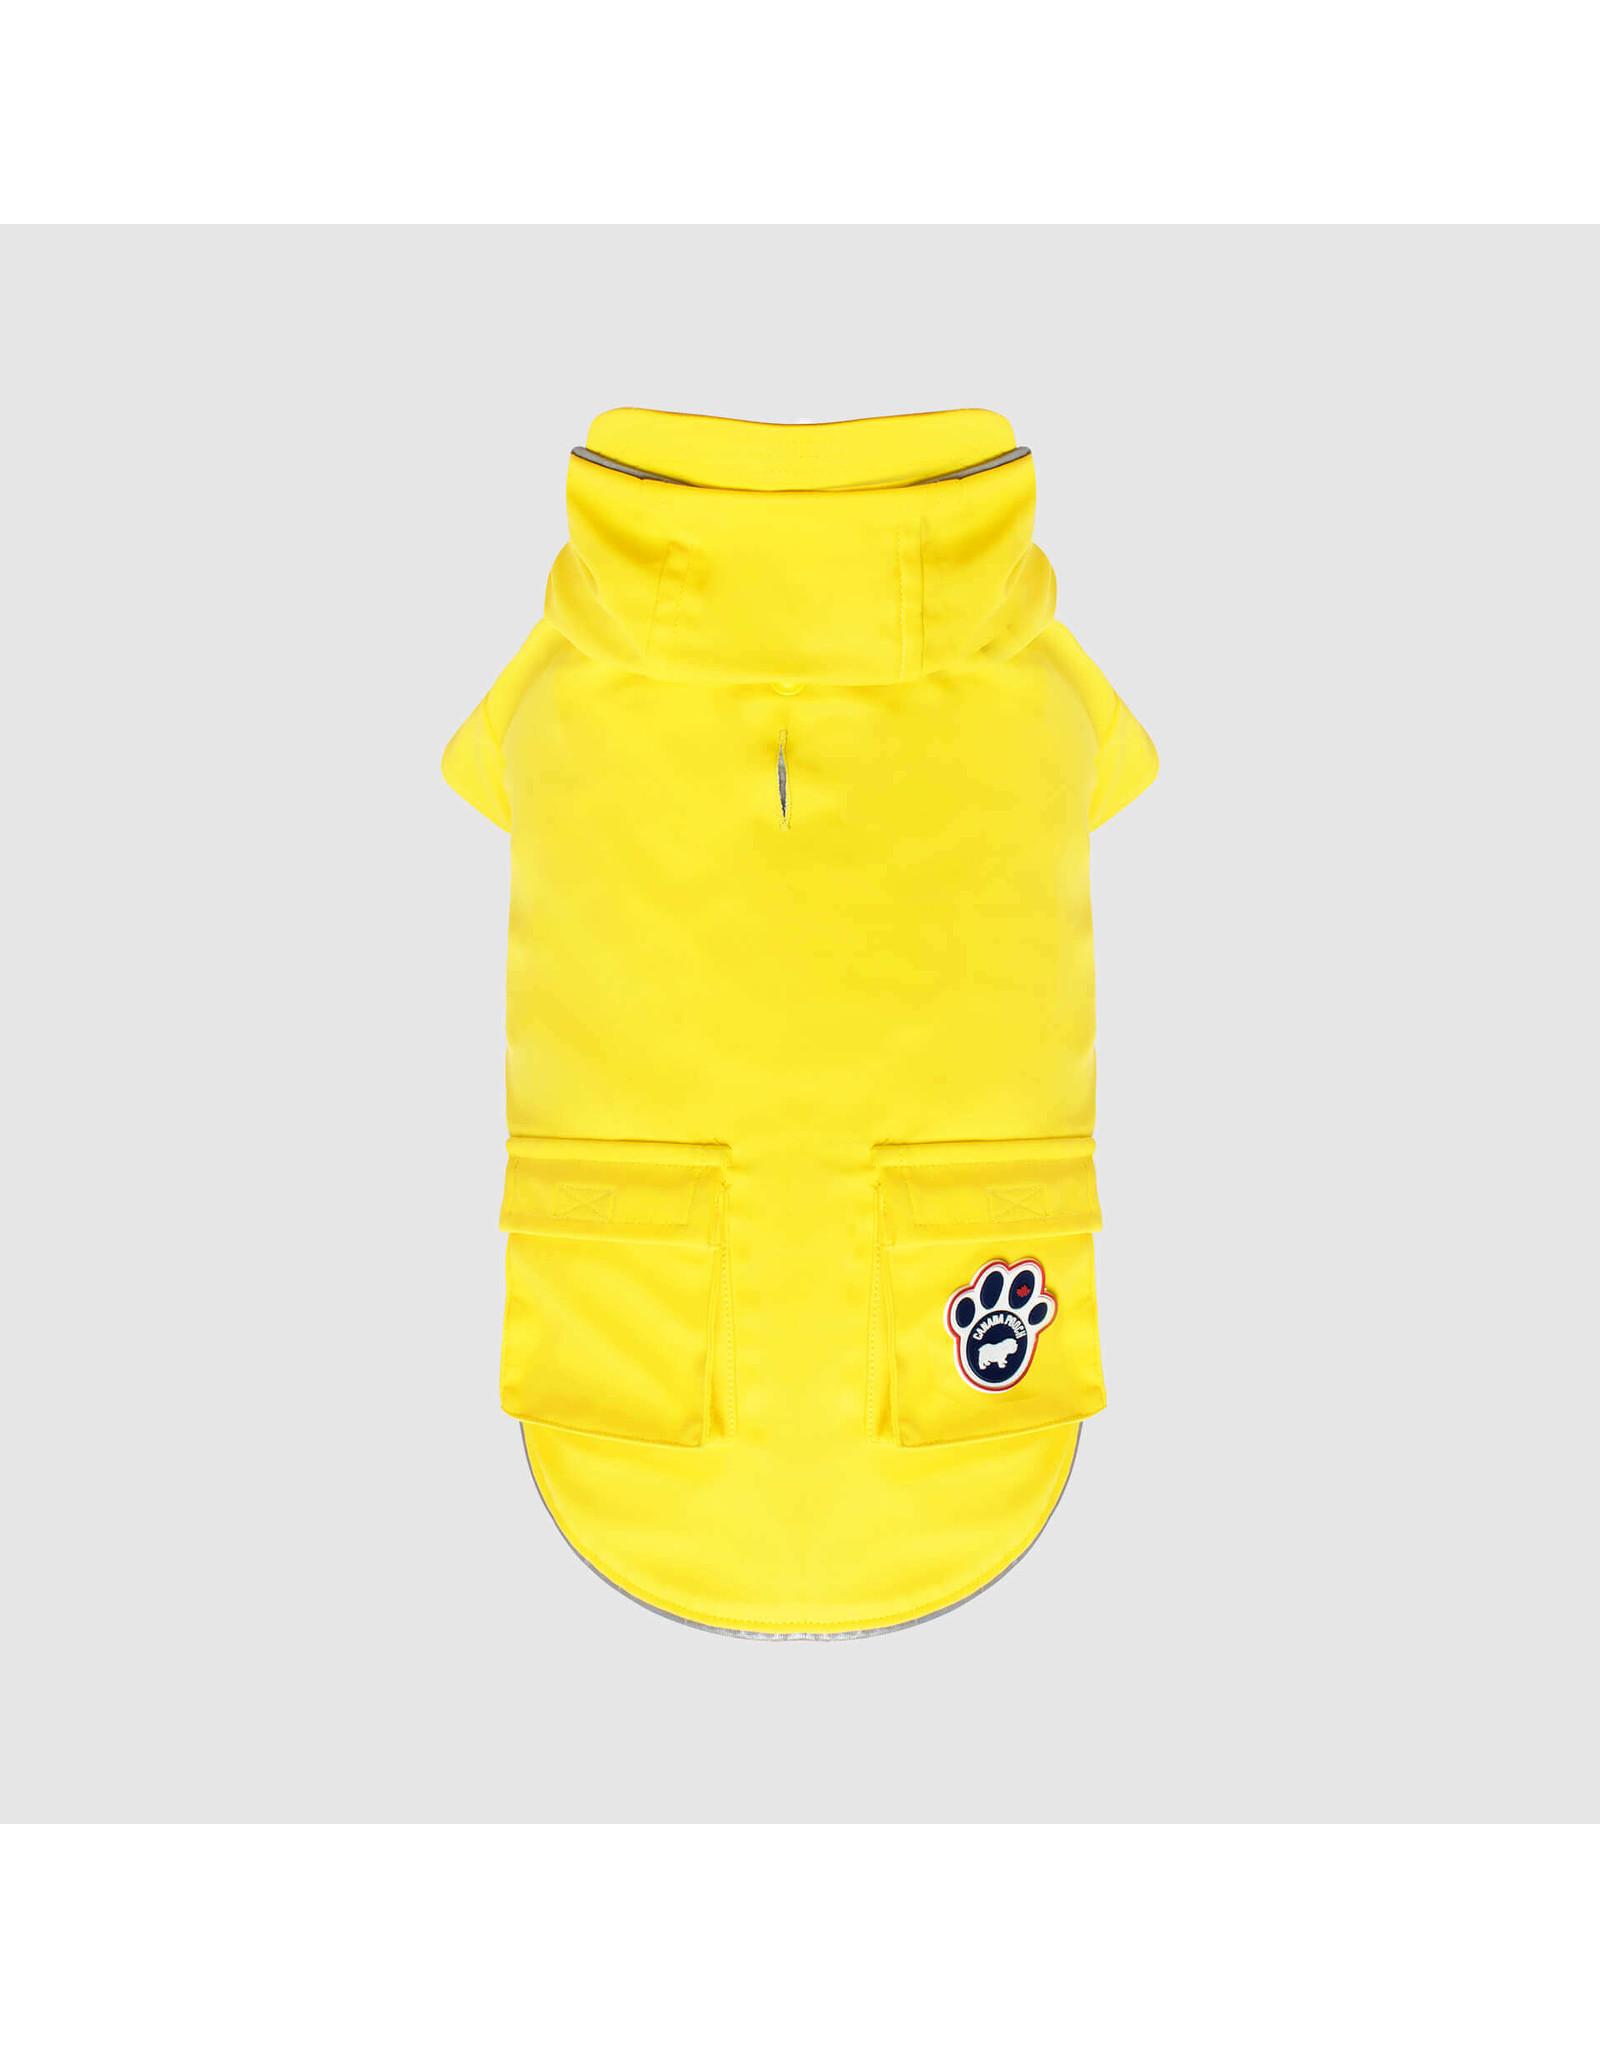 Canada Pooch CanadaPooch - TorrentialTracker Yellow 20